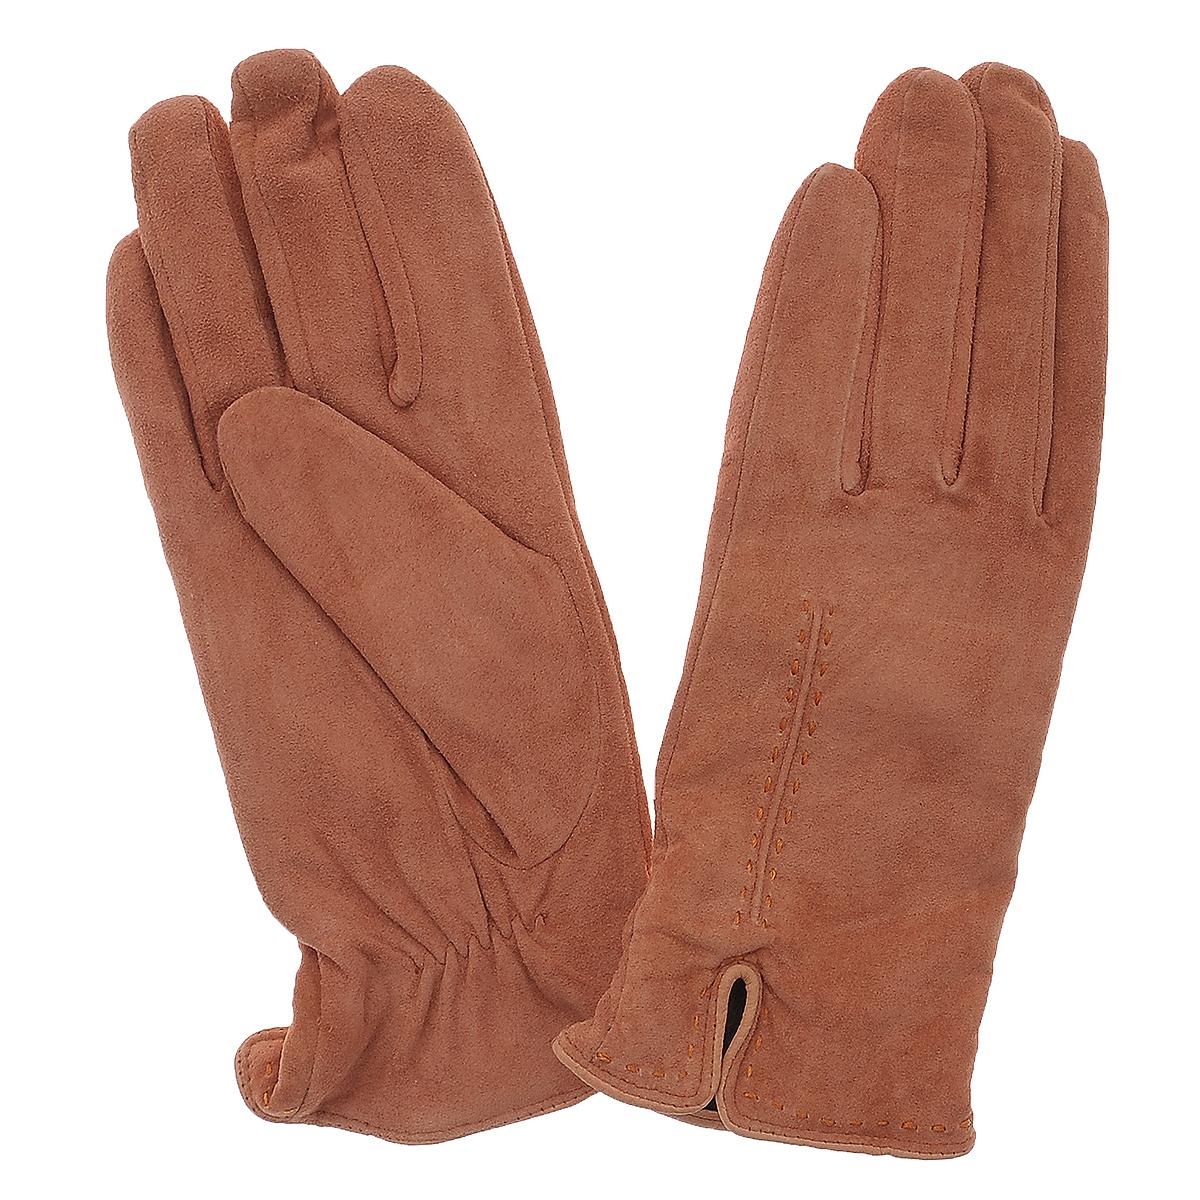 Перчатки женские Dali Exclusive, цвет: персик. SP11_ALINA. Размер 6,5SP11_ALINAСтильные перчатки Dali Exclusive с шерстяной подкладкой выполнены из мягкой и приятной на ощупь натуральной замши. Лицевая сторона оформлена декоративными стежками и дополнена небольшими разрезами. Такие перчатки подчеркнут ваш стиль и неповторимость и придадут всему образу нотки женственности и элегантности.